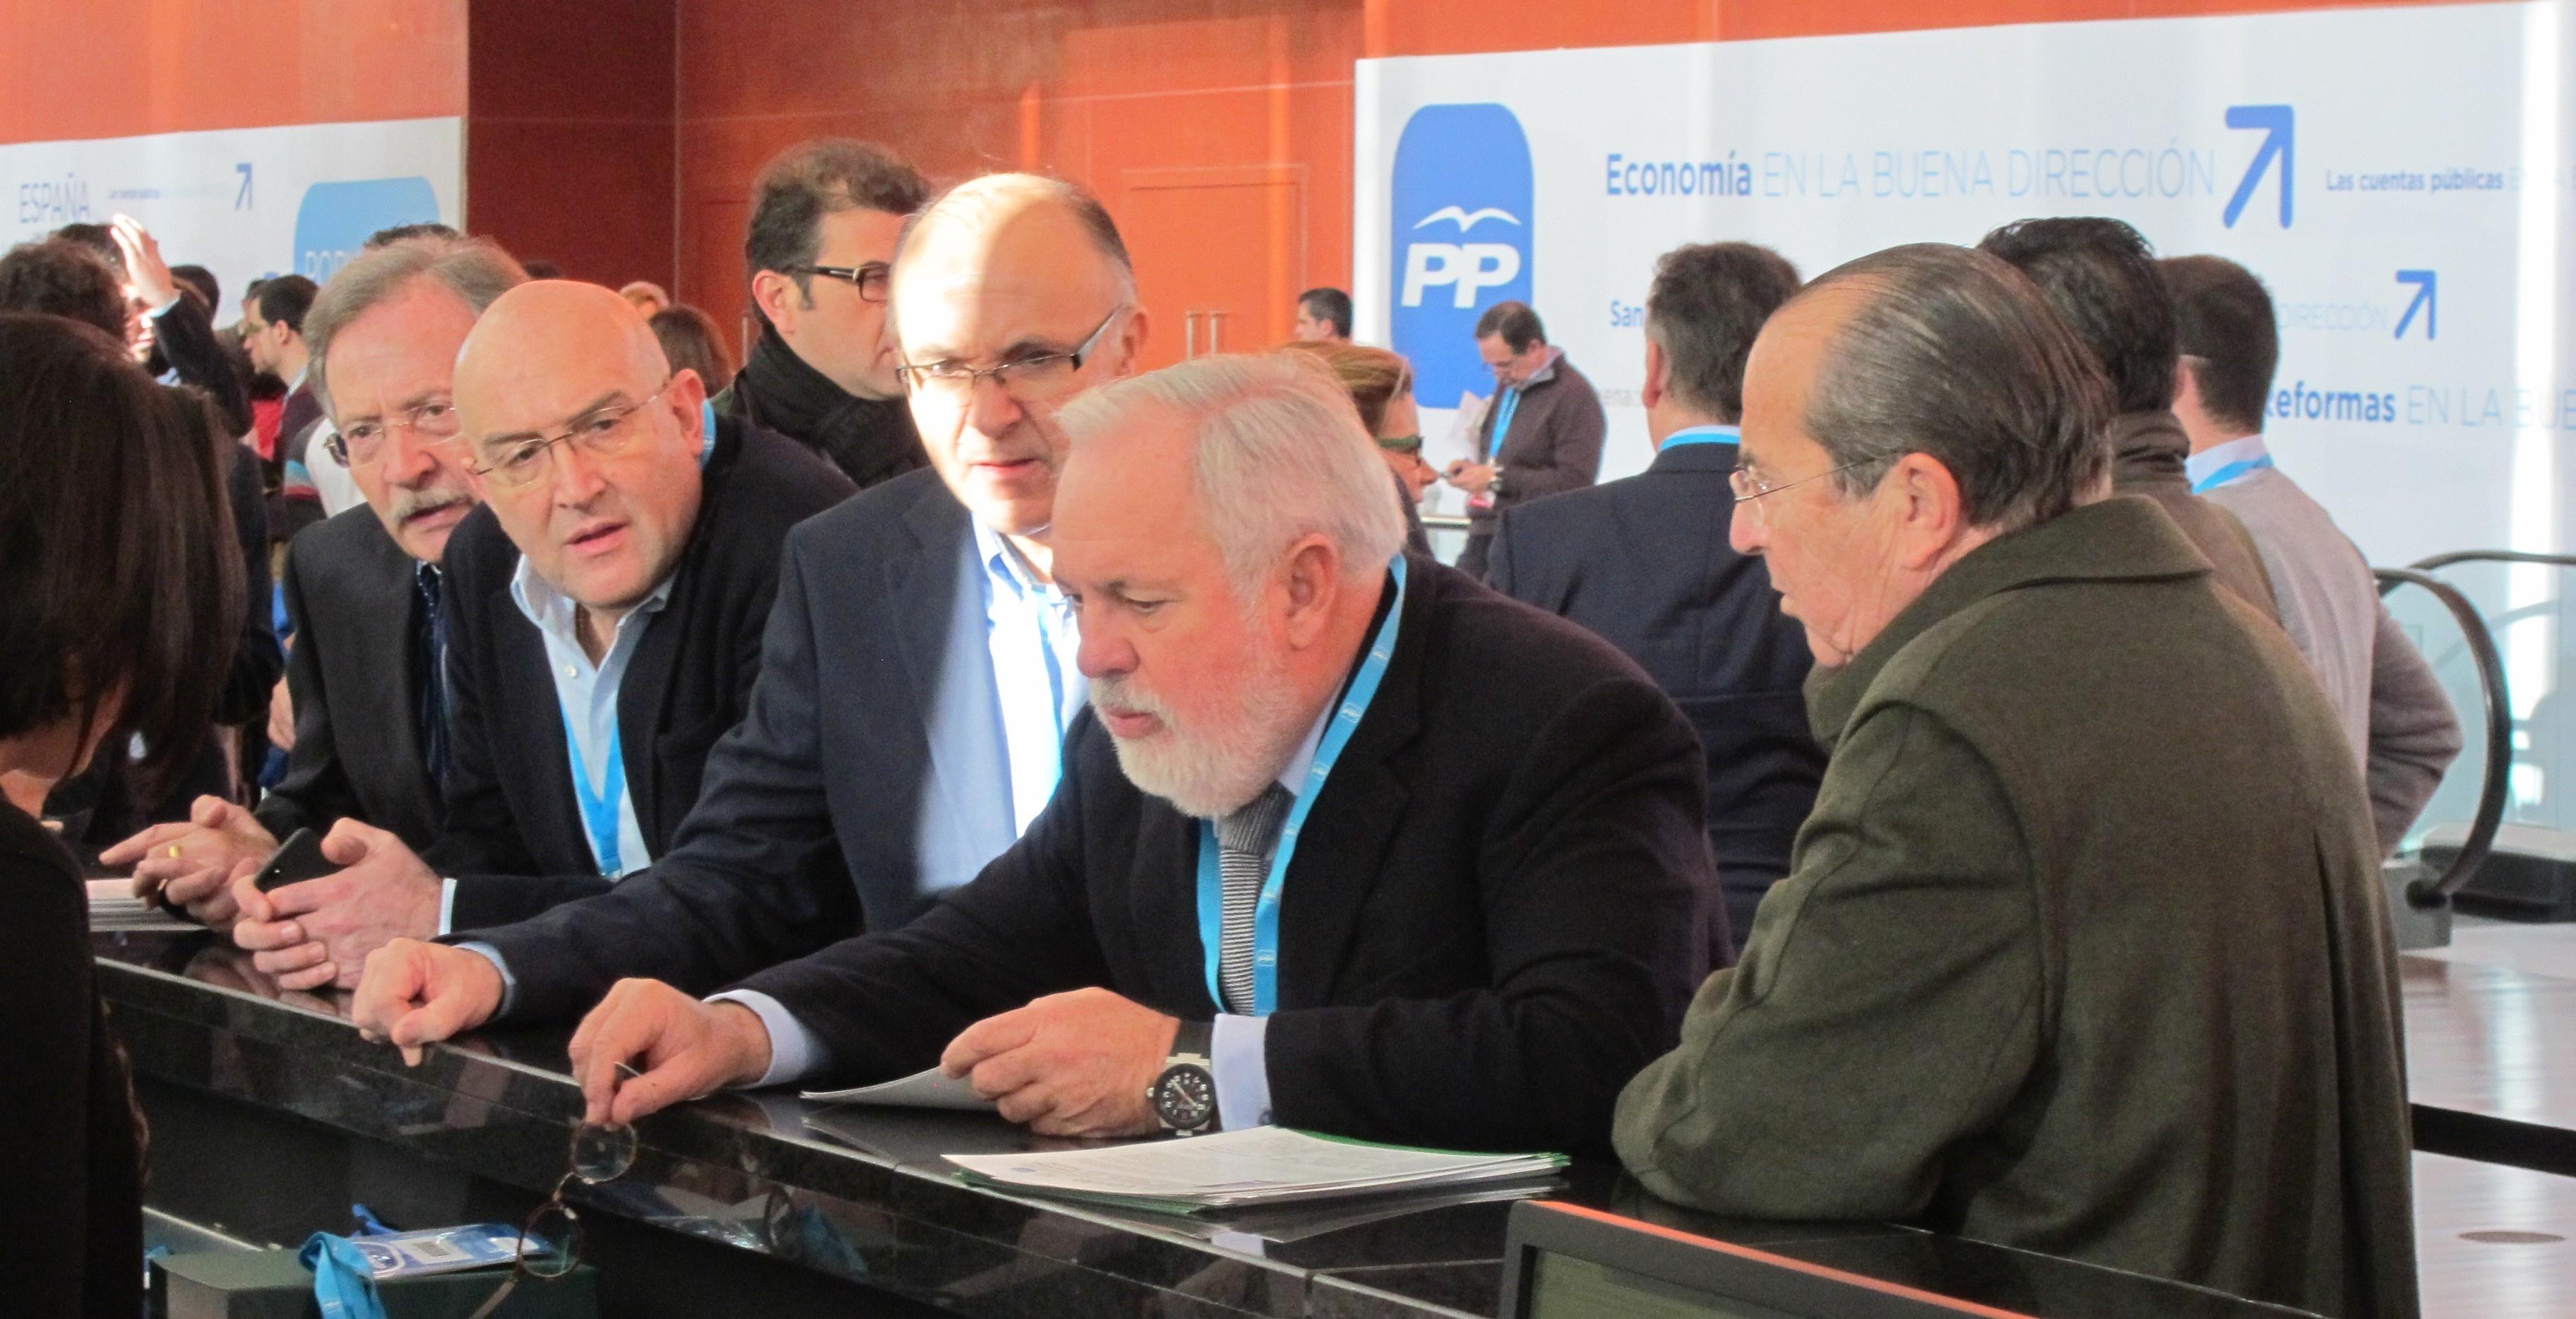 Arias Cañete y Valcárcel reiteran su disposición para encabezar la lista europea aunque desconocen cuál será la decisión